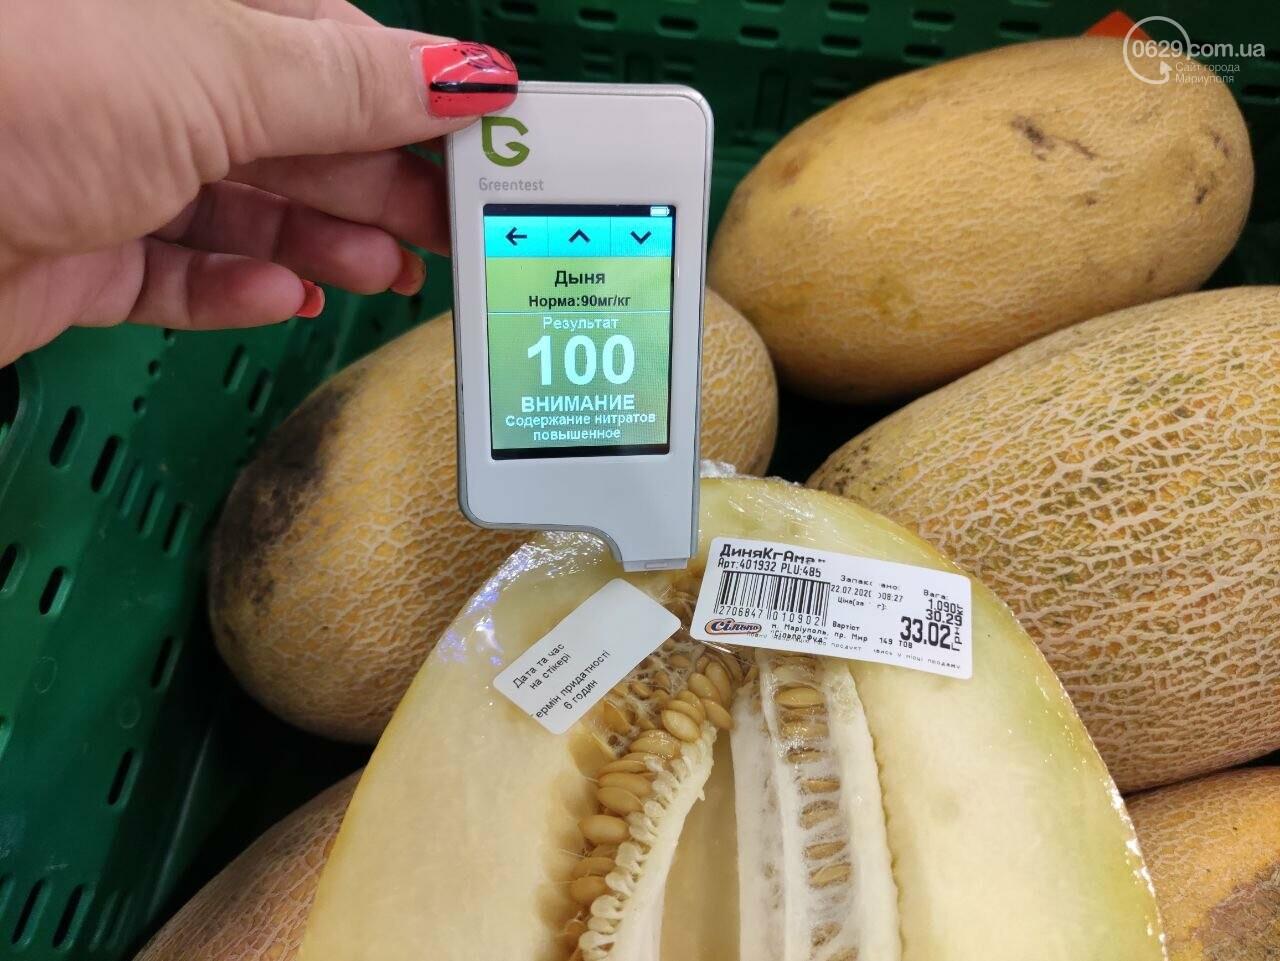 Проверка на нитраты в Мариуполе: опасные дыни в супермаркете и злые продавцы на рынке, - ФОТО, ВИДЕО, фото-3